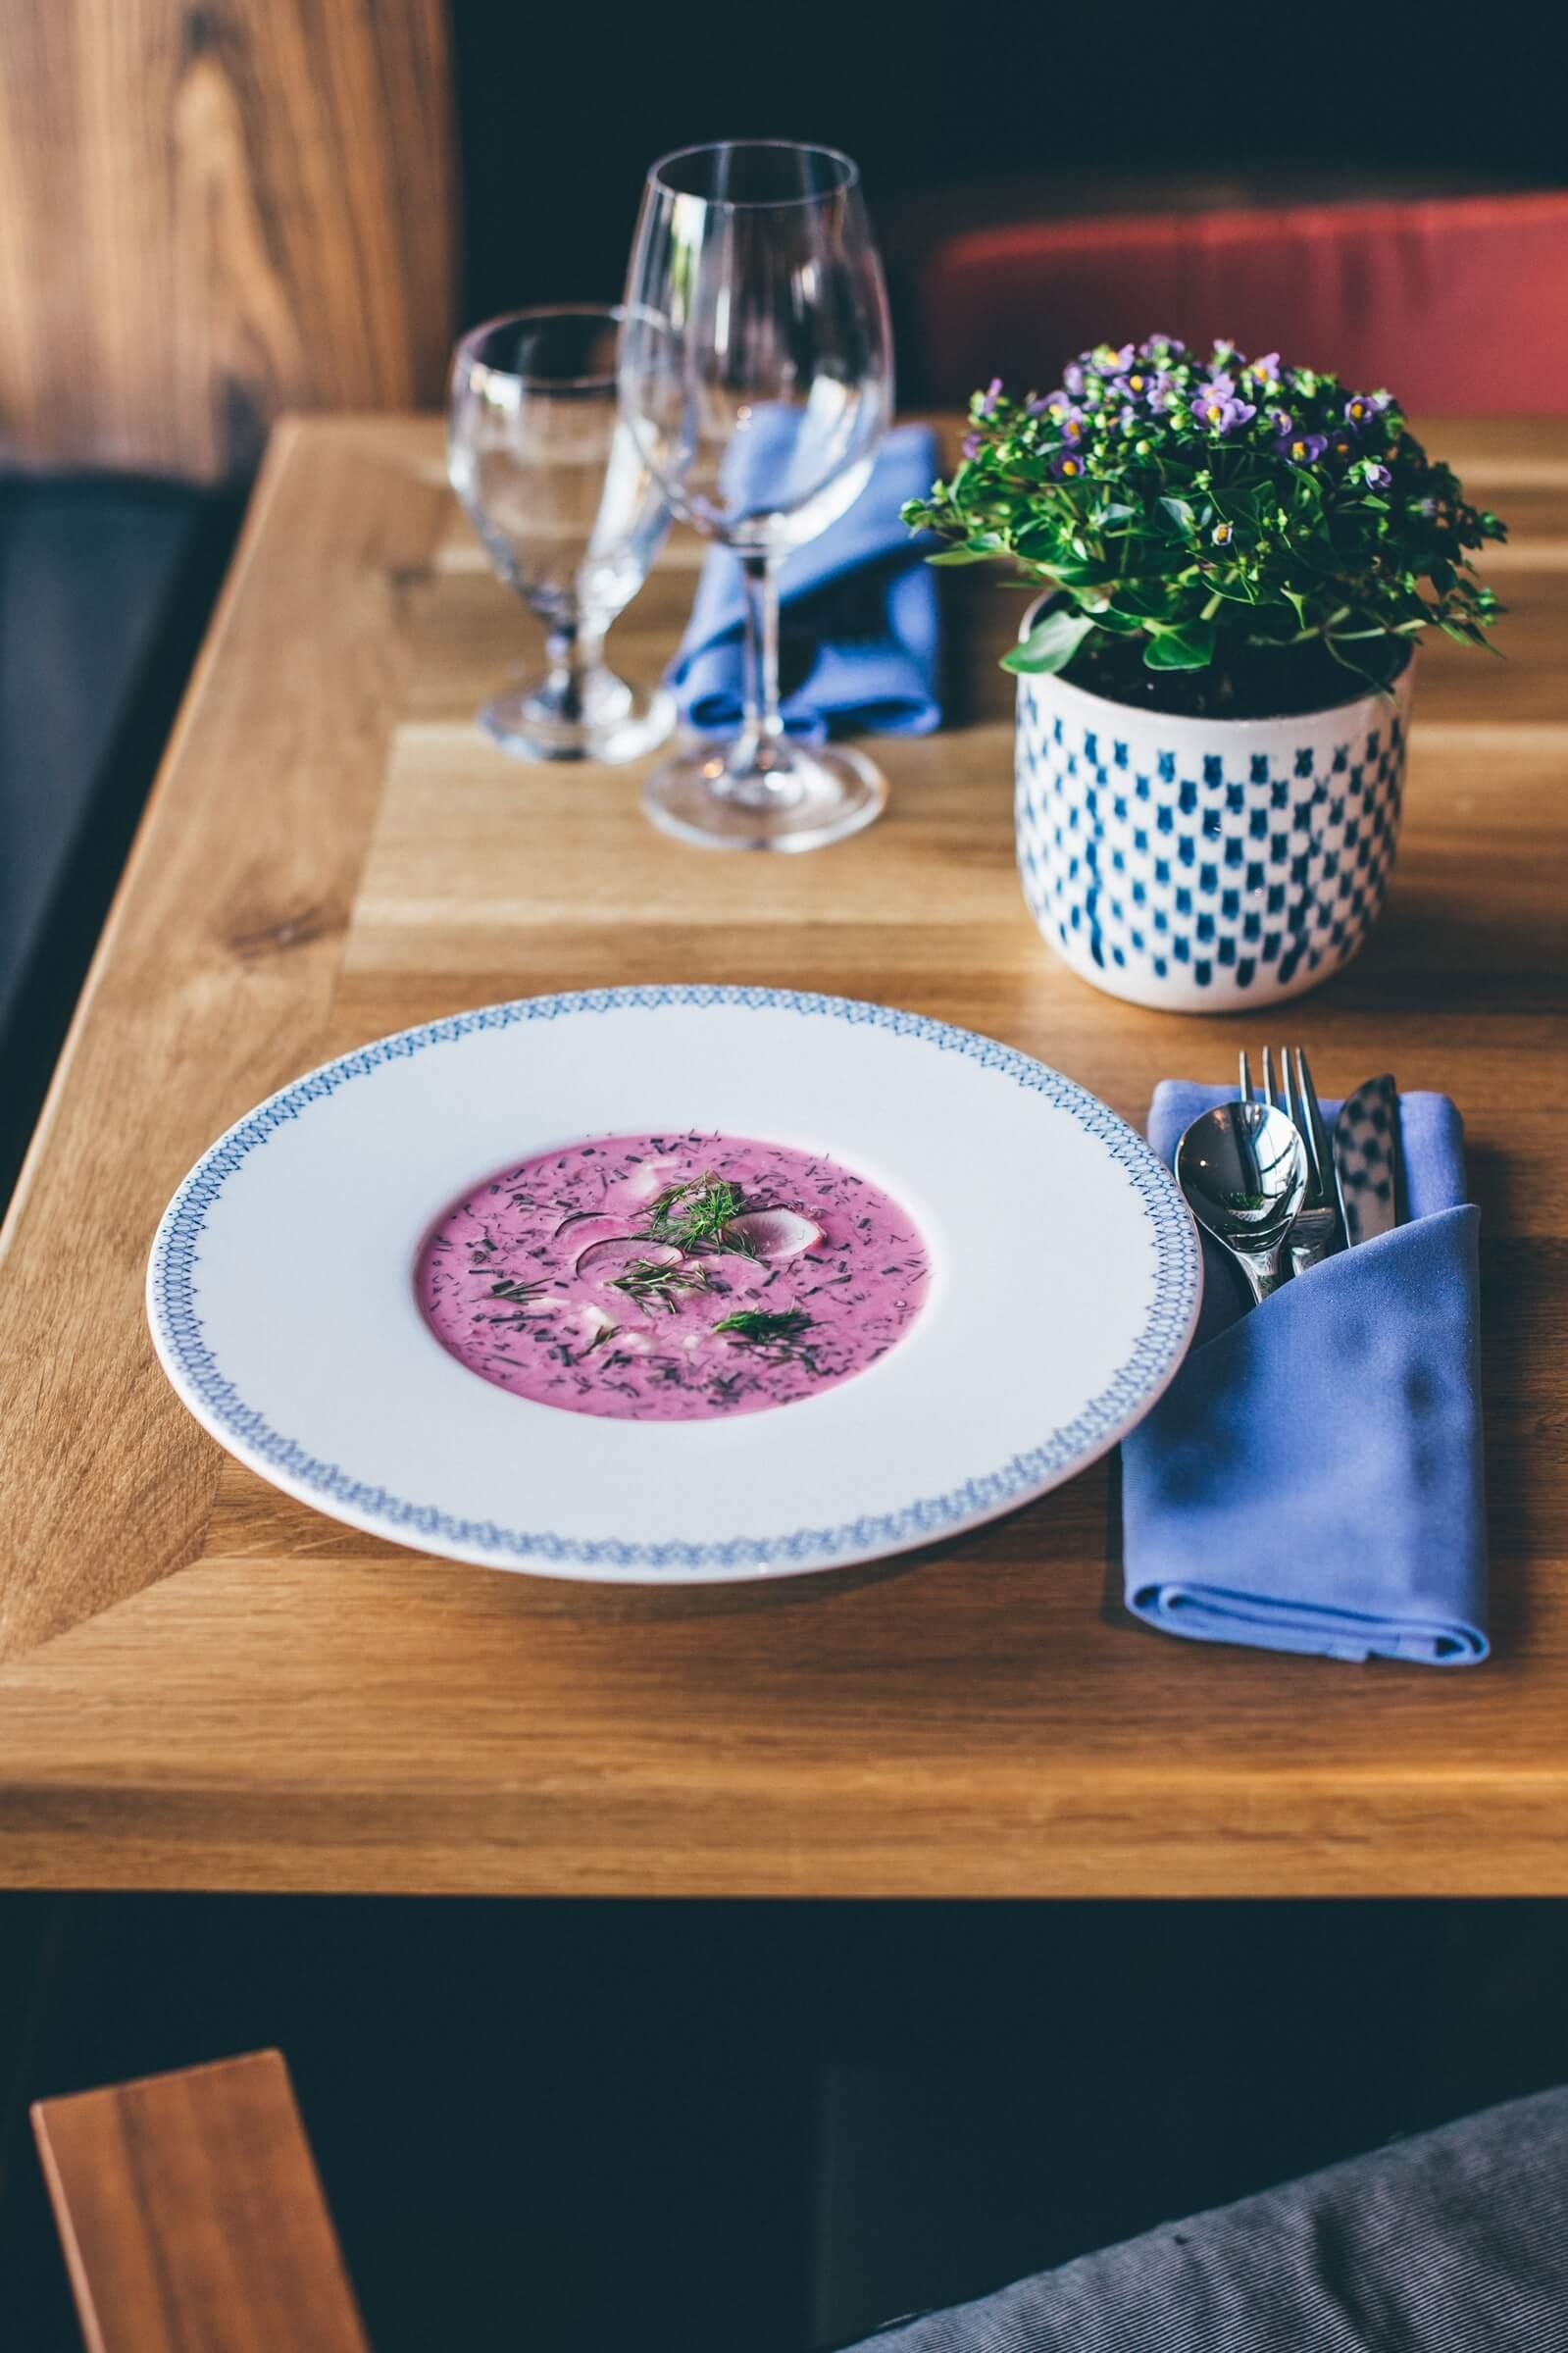 cafe polskie smaki 12 1 - Classy Kashubian cuisine